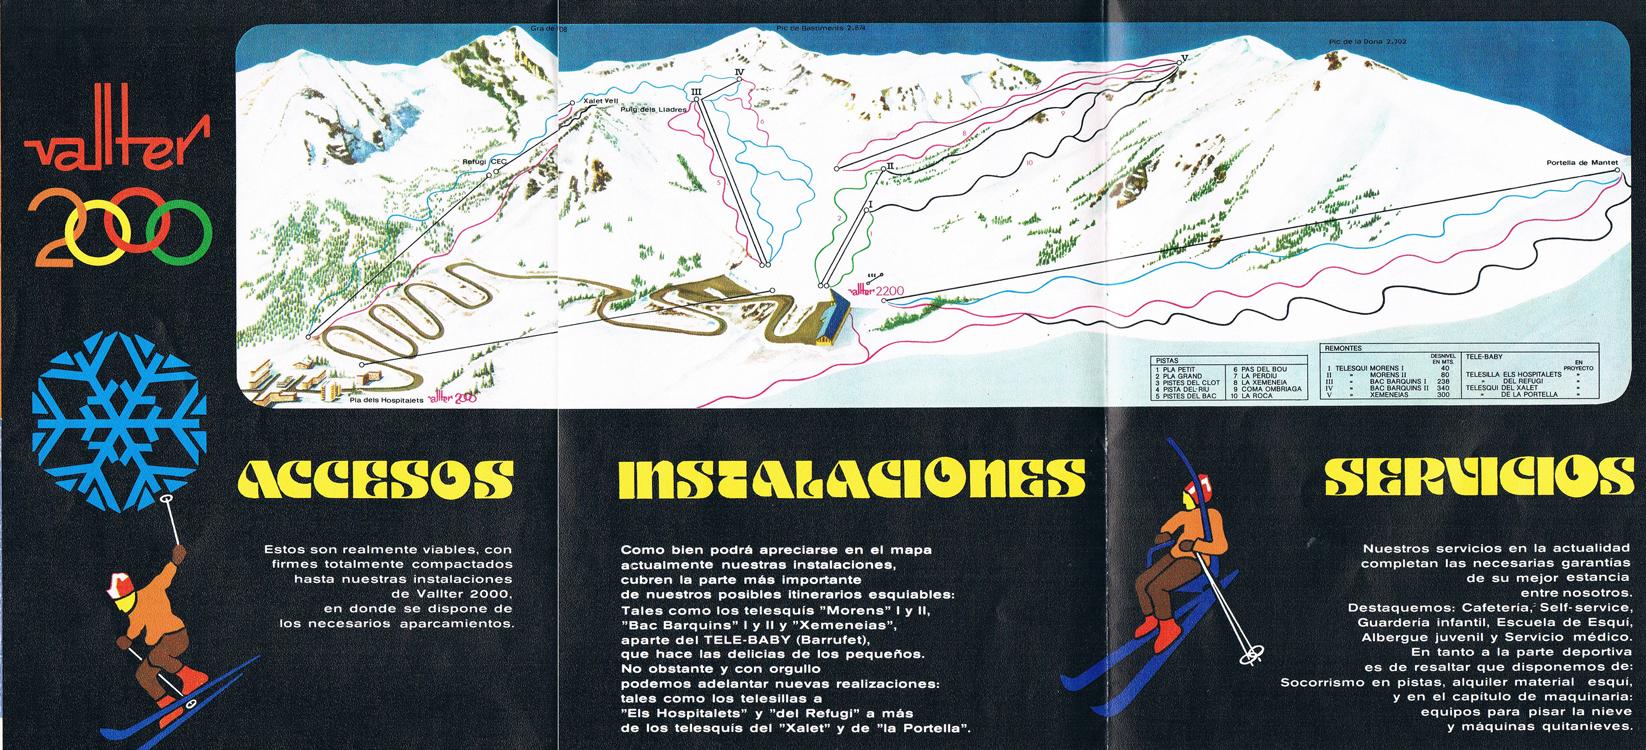 historia-de-vallter-2000-1a-part-de-1974-a-1984-9